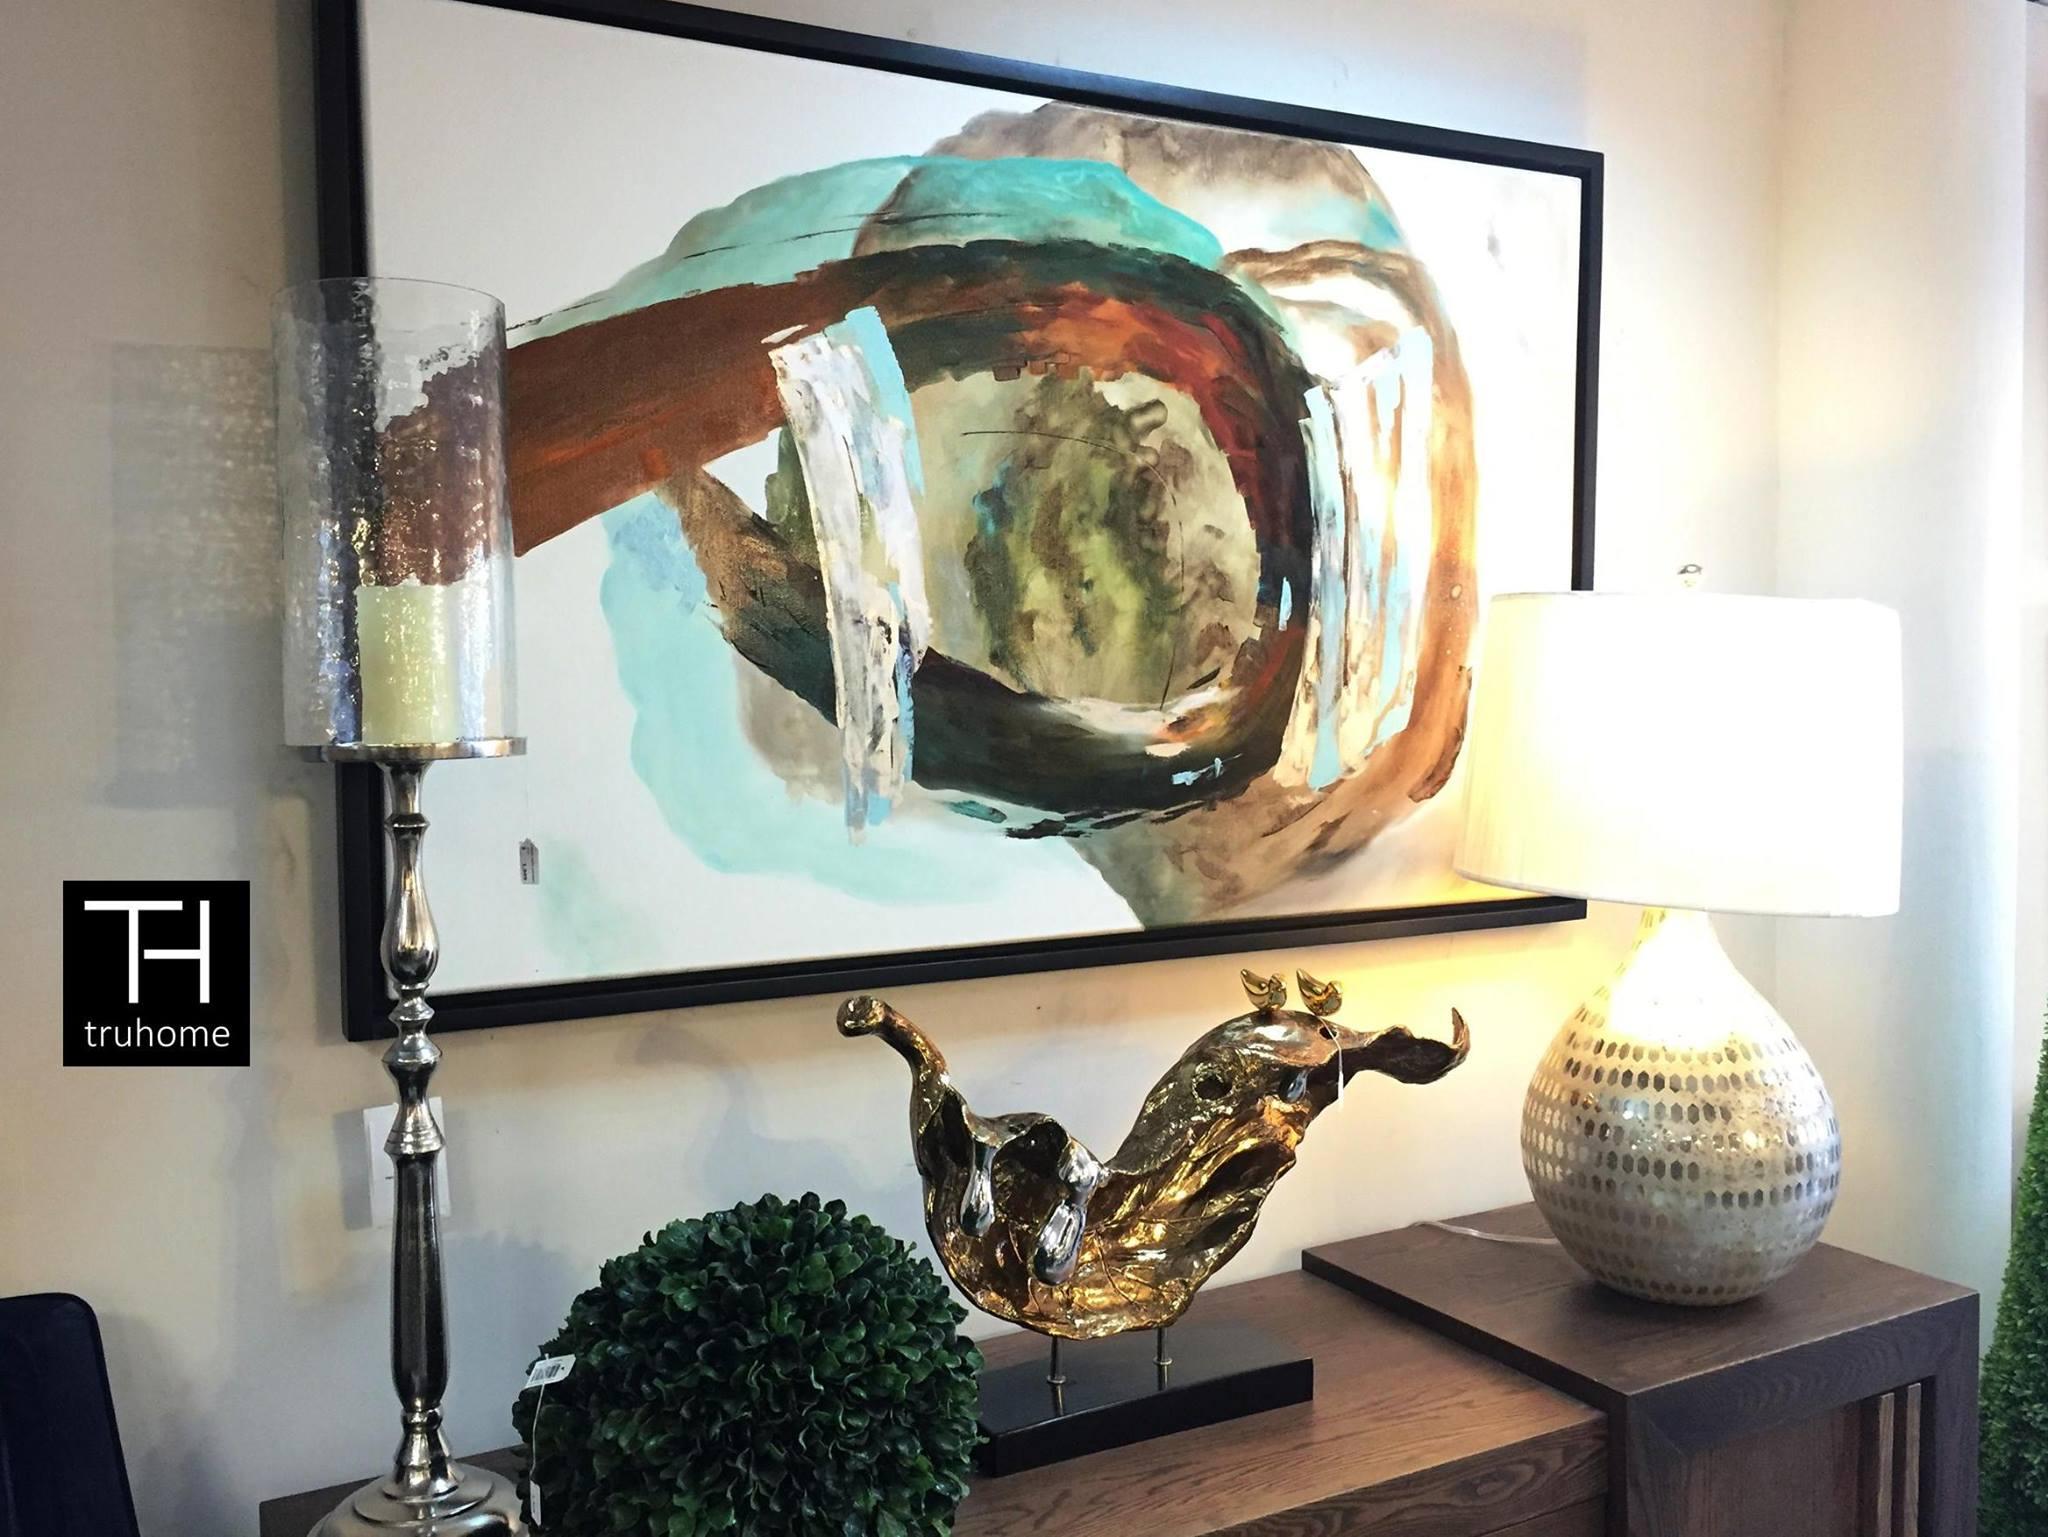 Tendencias en decoracion con cuadros al oleo 1 - Decoracion de interiores con cuadros ...